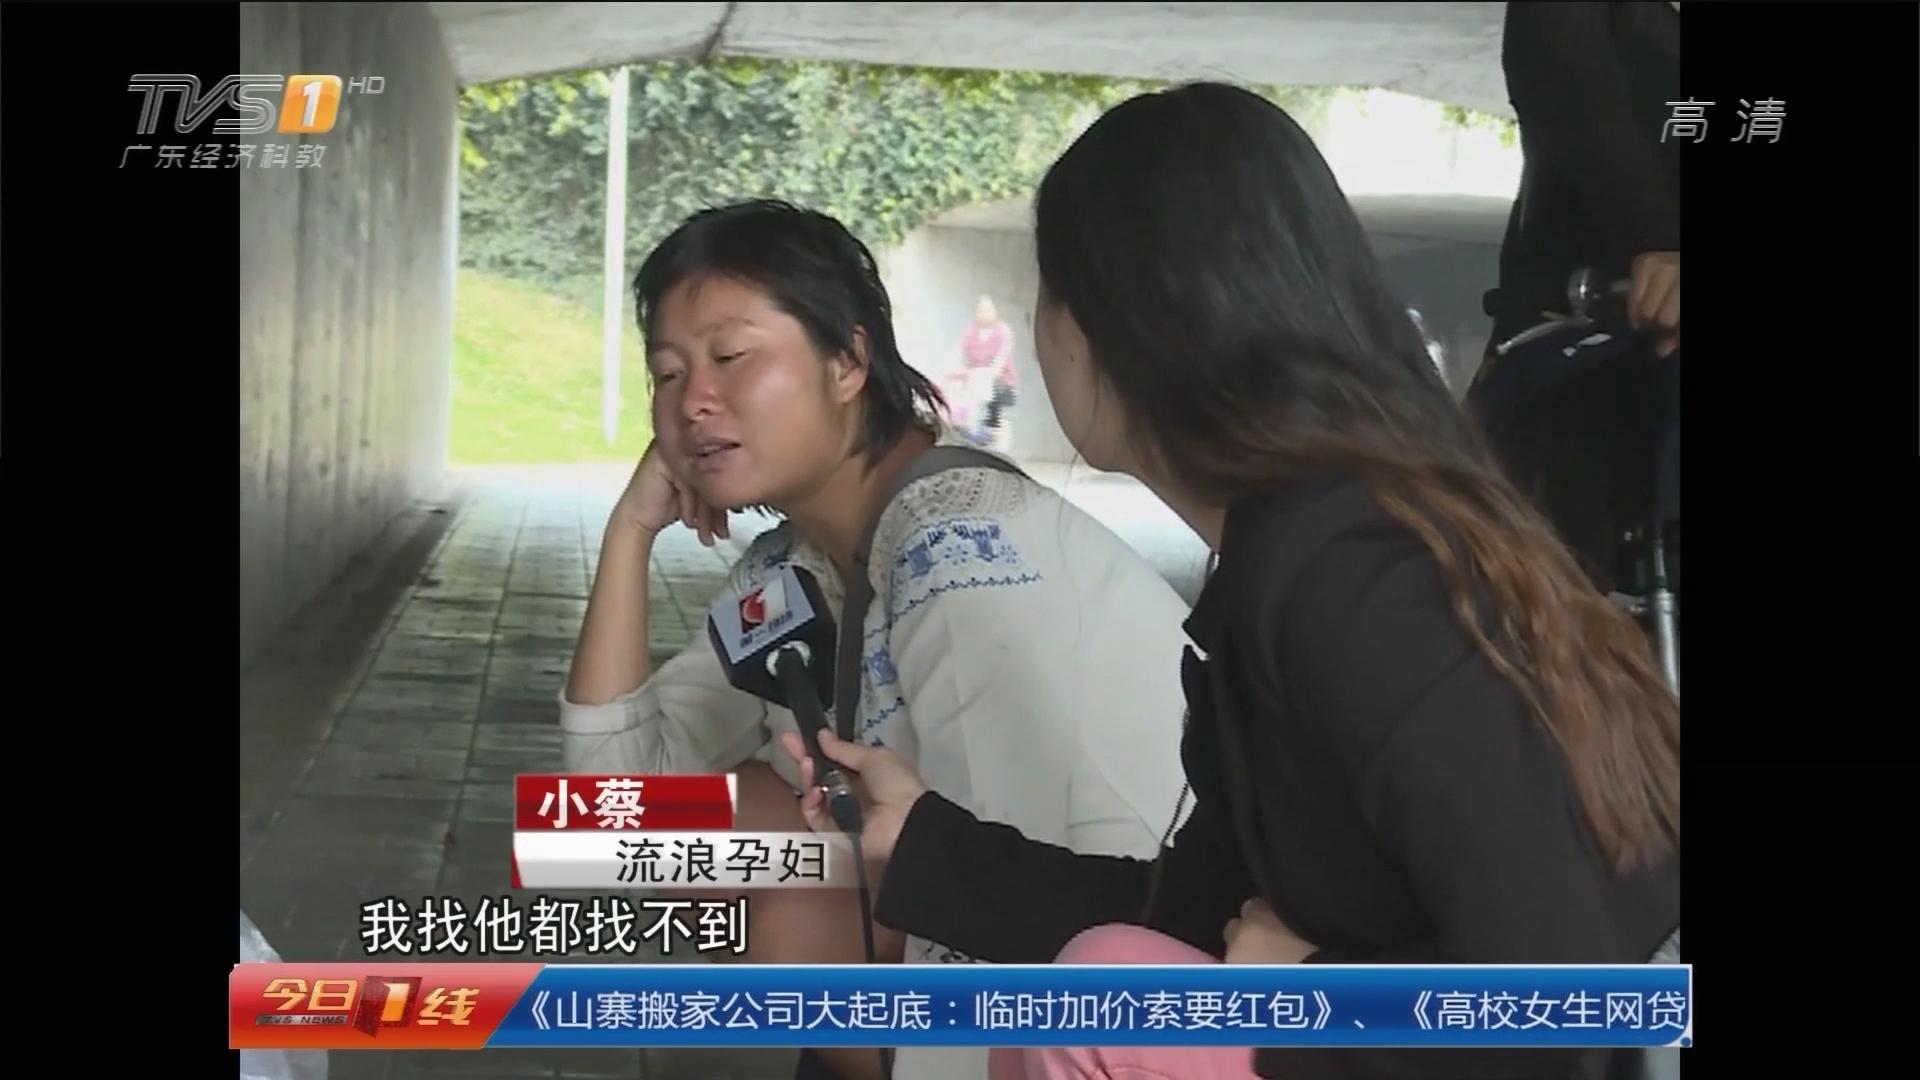 深圳:痴情80后流浪孕妇 天桥下栖身